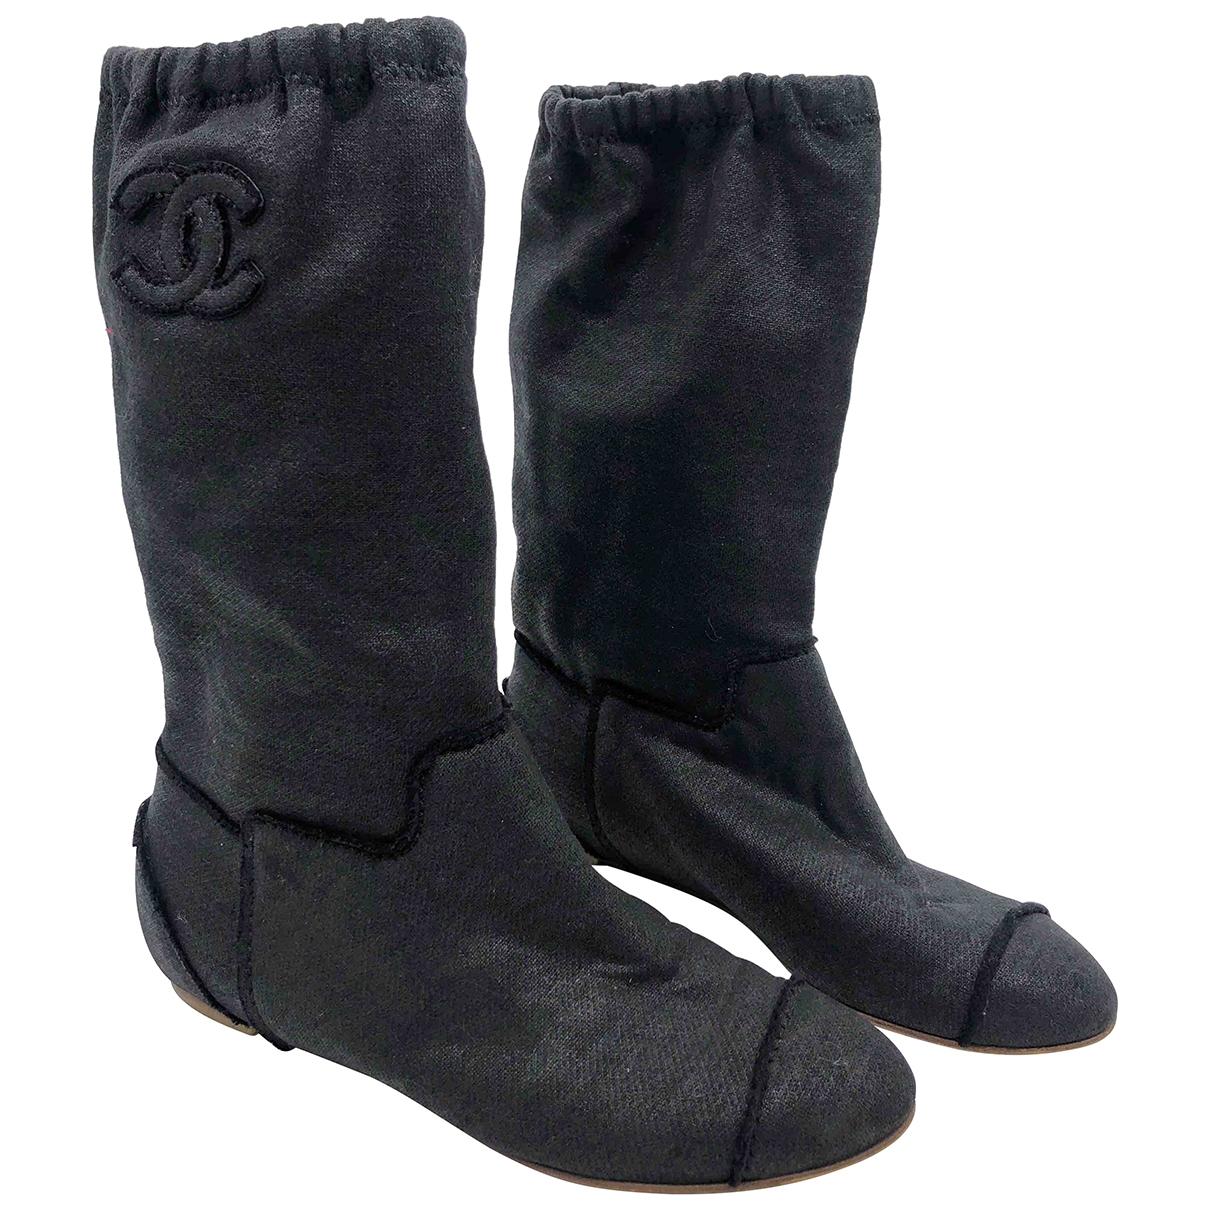 Chanel - Bottes   pour femme en toile - gris